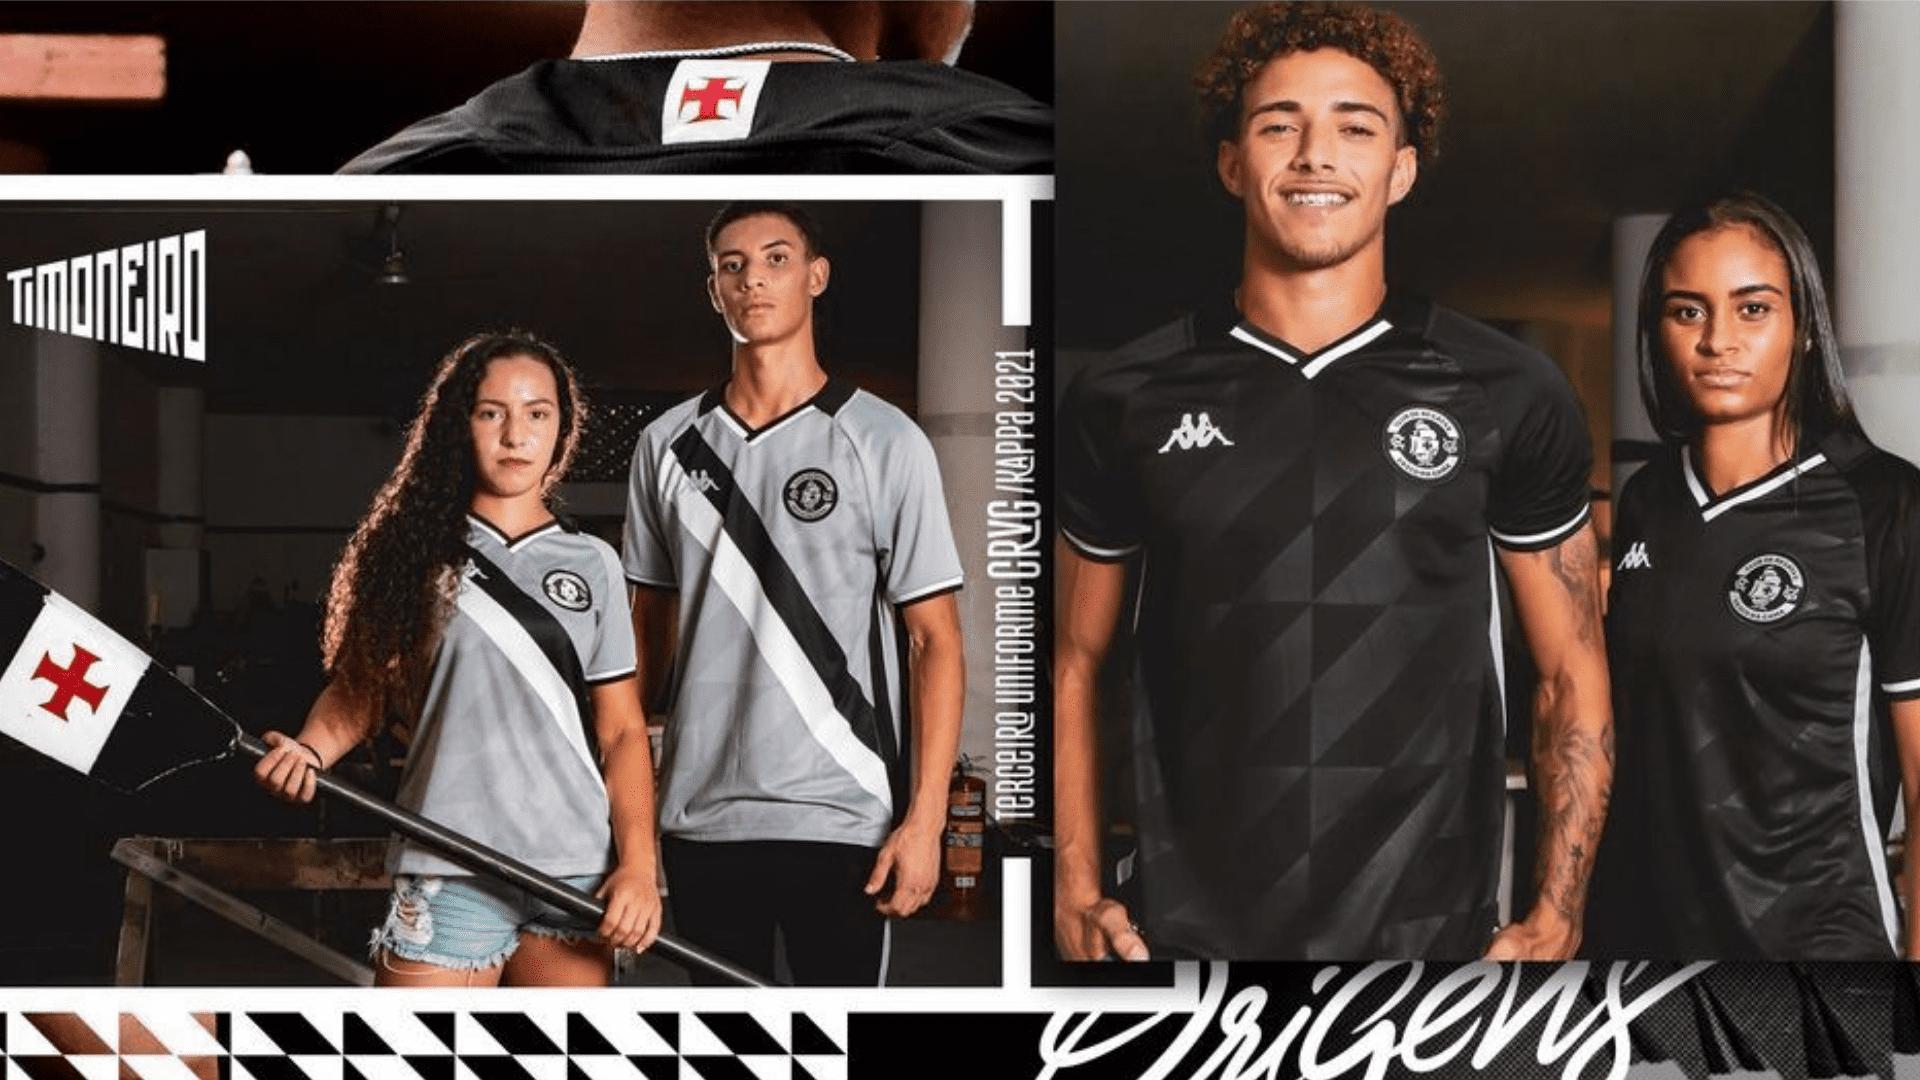 Conheça os modelos de camisa do Vasco para comprar em 2021! (Imagem: Divulgação/Kappa)